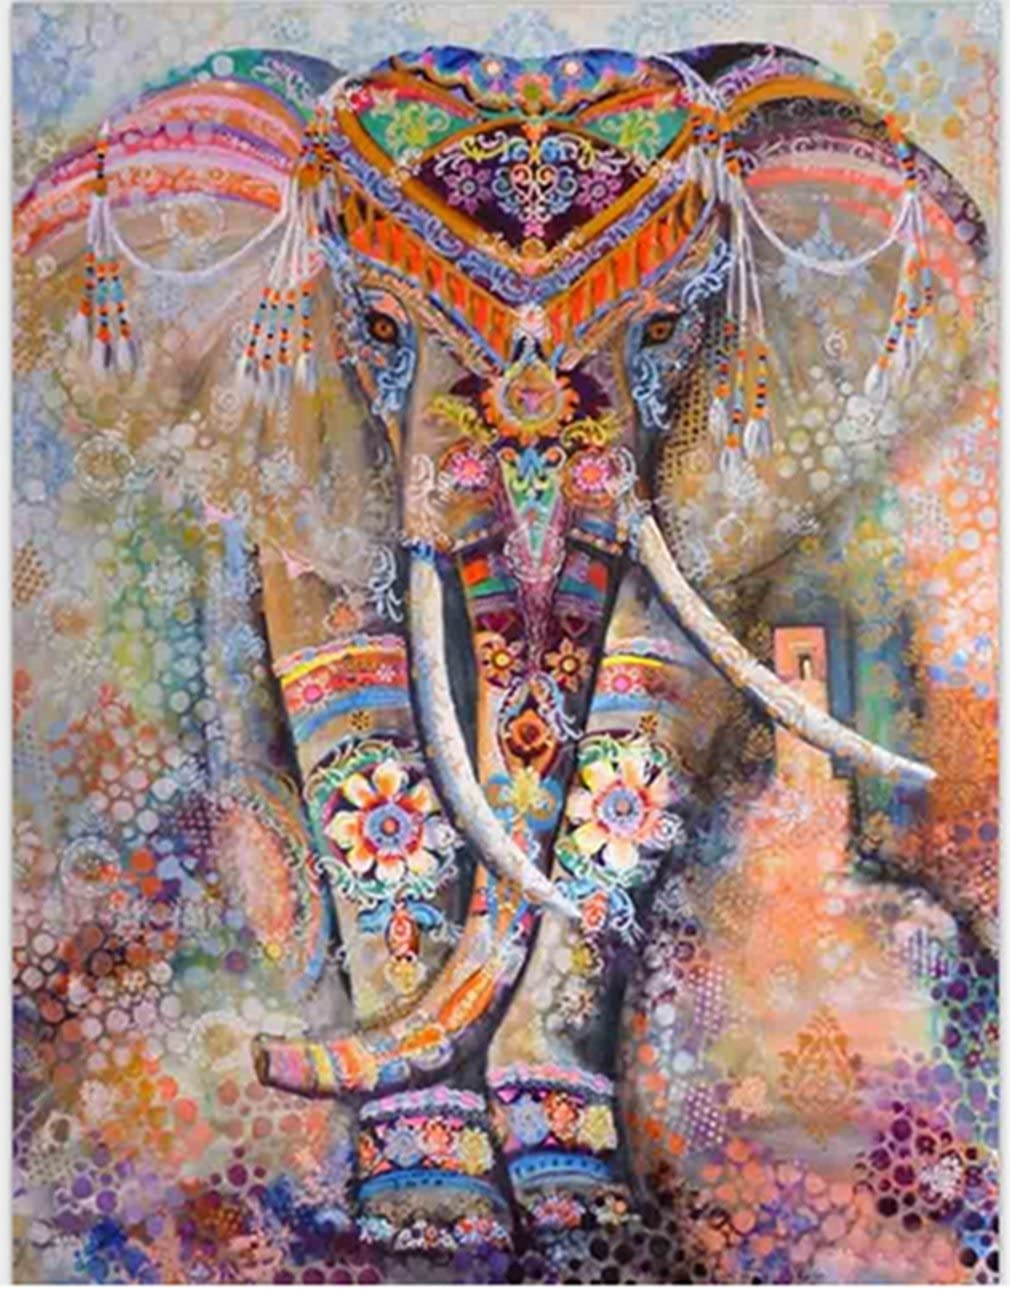 130cm Renard1 150 Nunbee Tapisserie Wandbehang Peinture Renard Impression Mandala Tenture Hippie Etoile Elephant murales Indienne 3D Wall Tapestry Chambre d/étudiant D/écoration